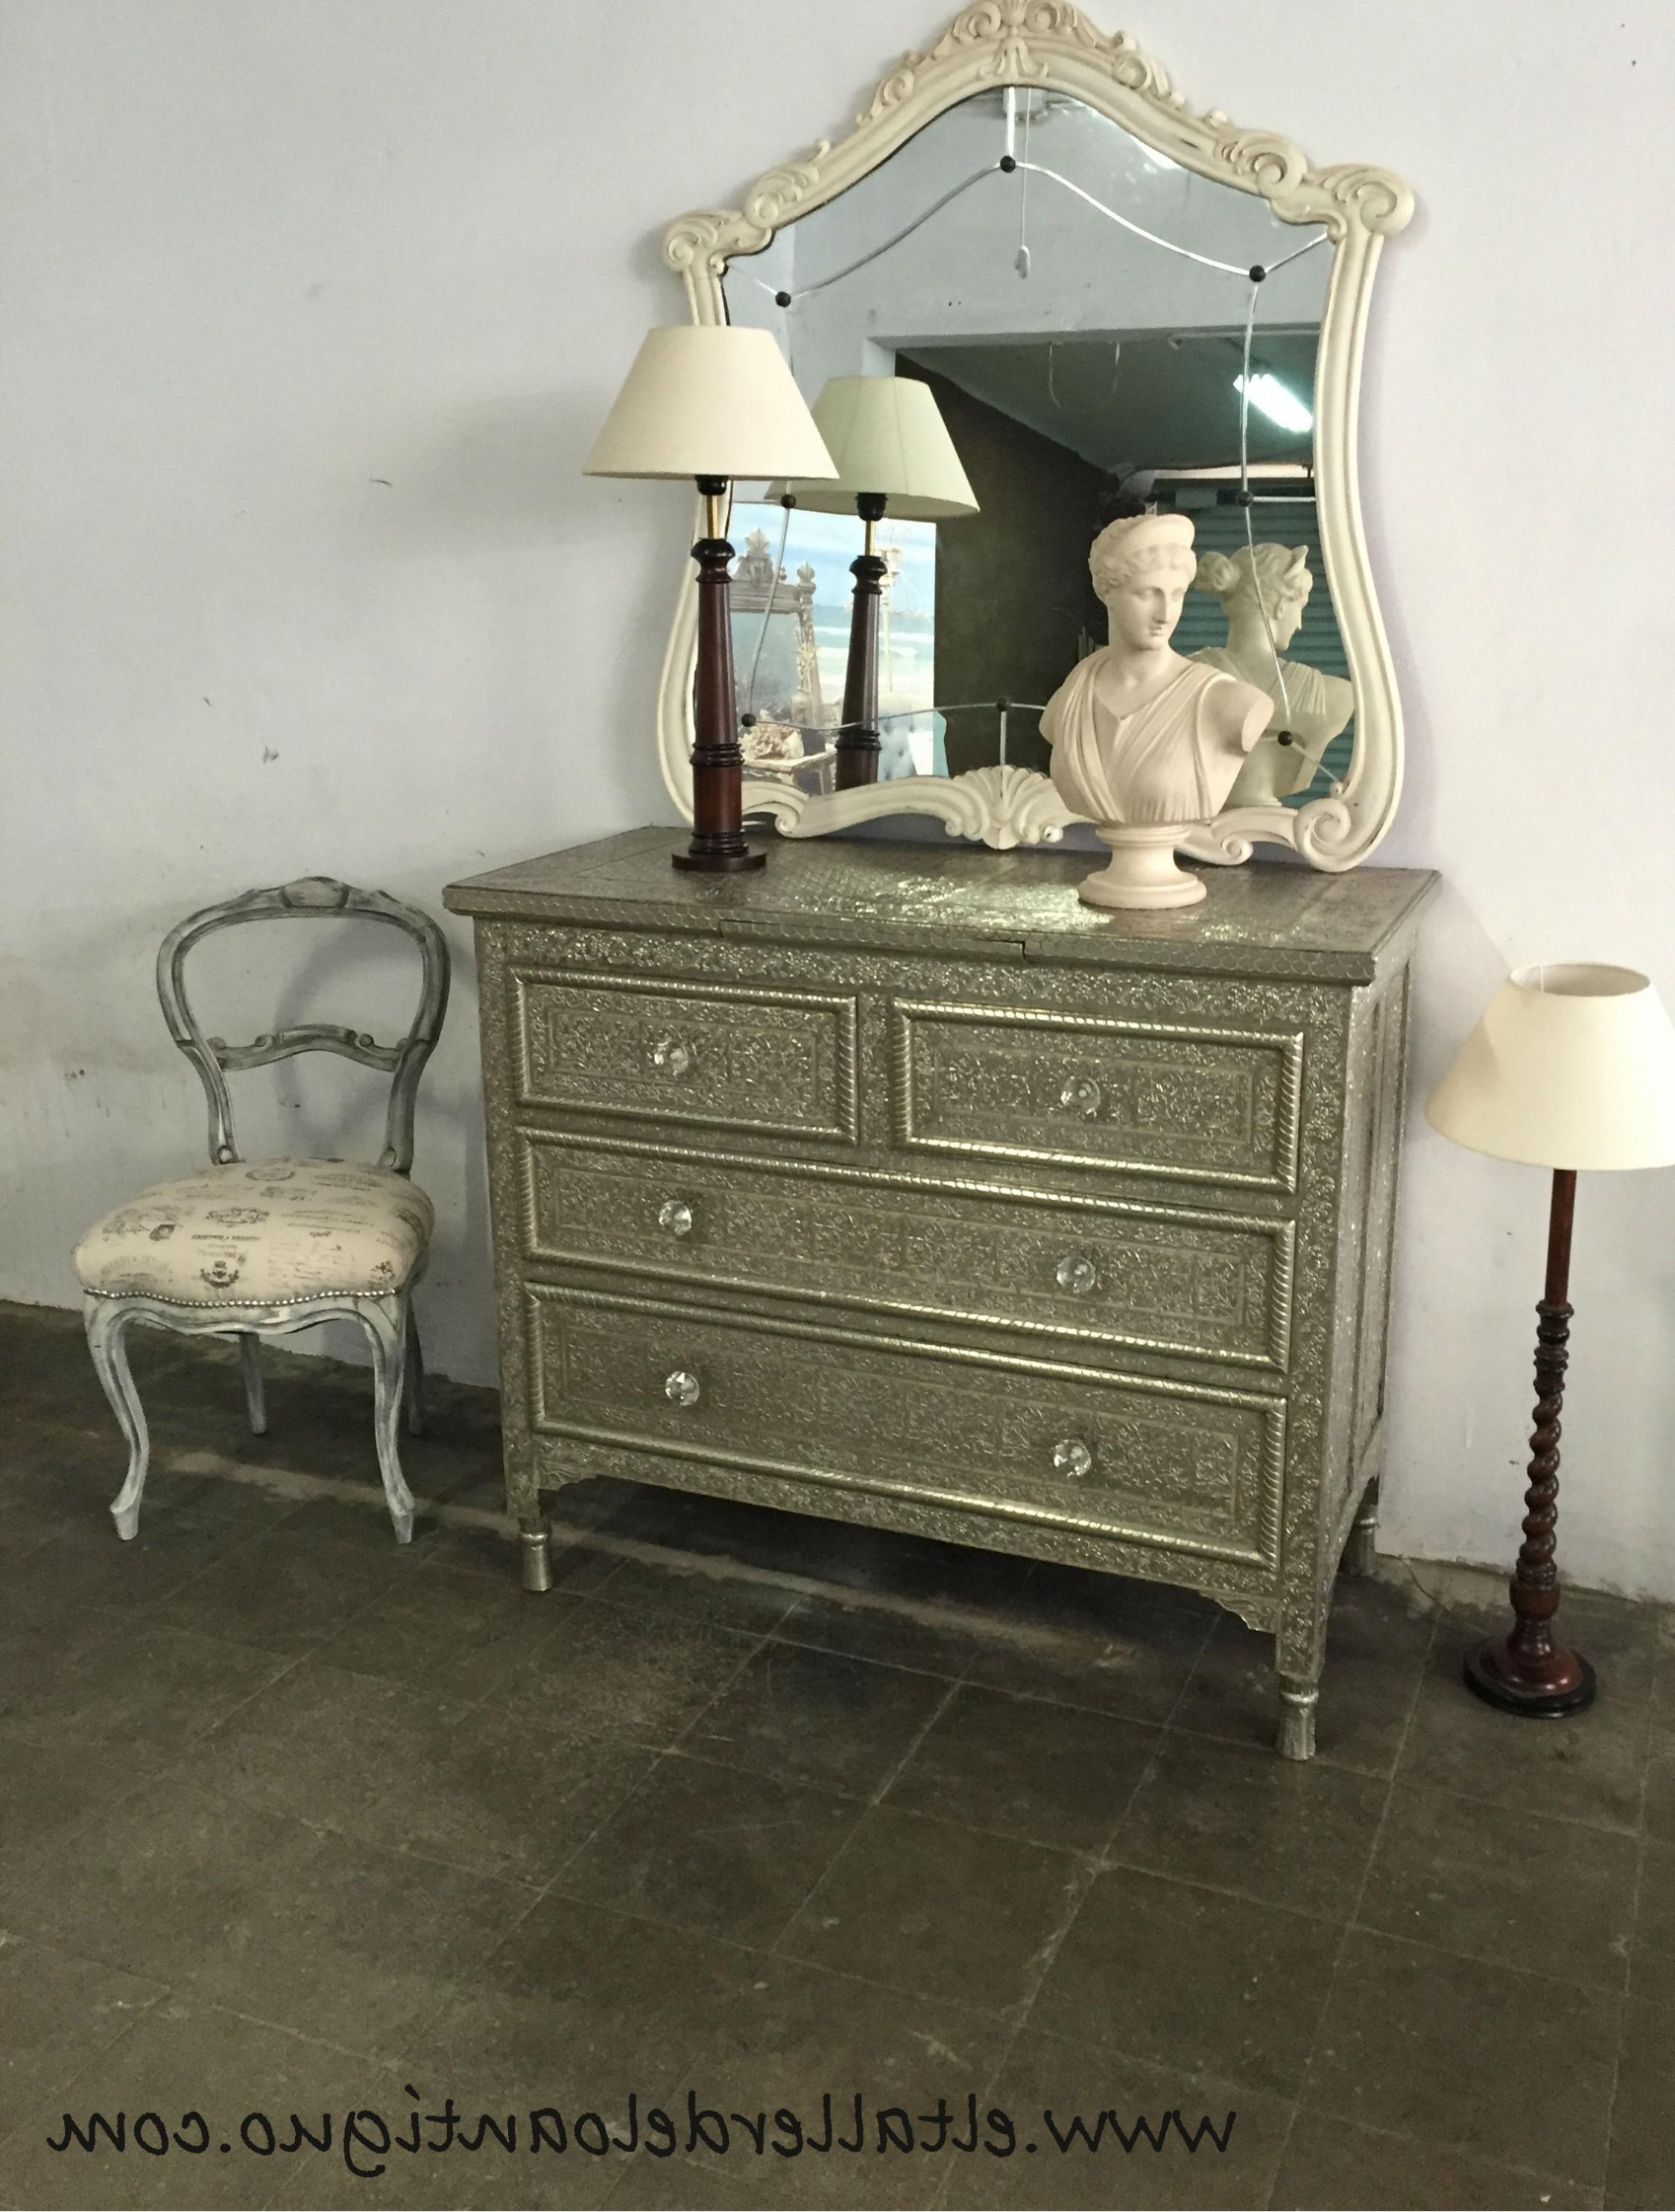 4 Opciones Para Restaurar Muebles De Madera Etdg O Restaurar Muebles Antiguos De Madera Perfect with O